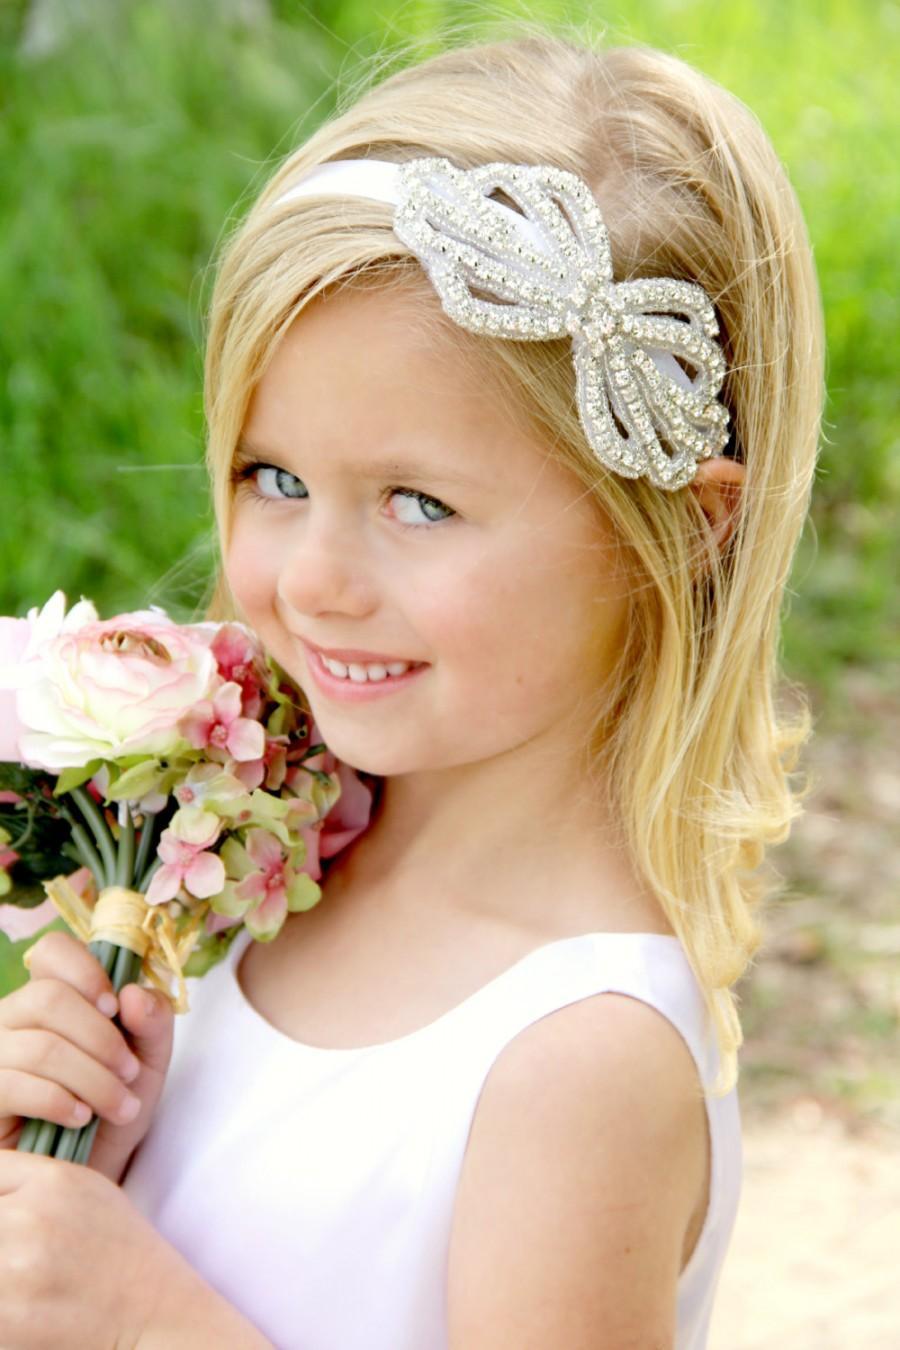 Mariage - Crystal Headband, Prom Headband, Rhinestone Headband, Gatsby Headband, Forehead Headband, Flower Girl Headband, Bridal Headband